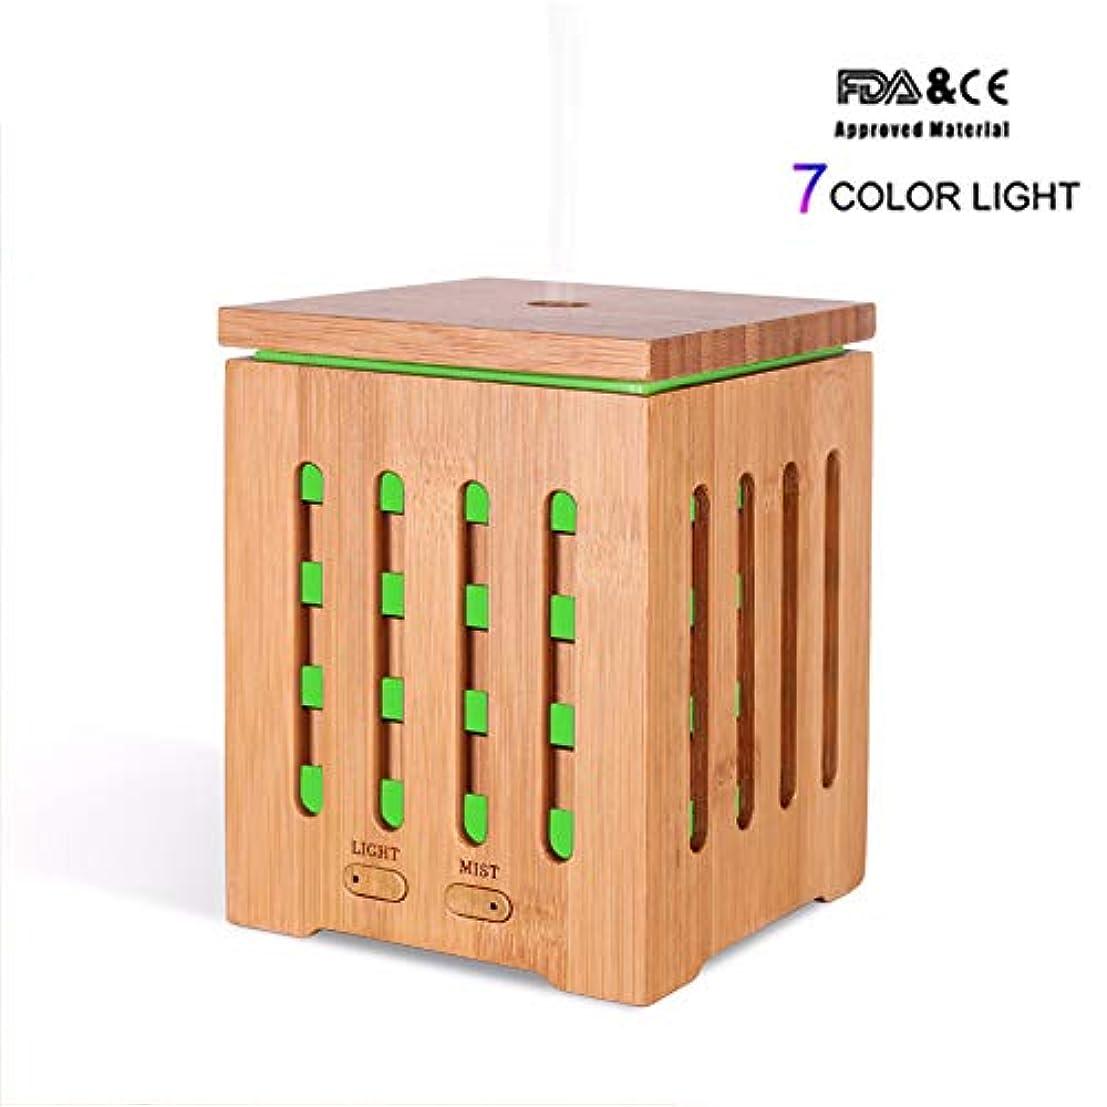 後退するブート変形する200MLリアル竹エッセンシャルオイルディフューザーアロマテラピー空気加湿器7色LEDライトホームワークスSPA健康的